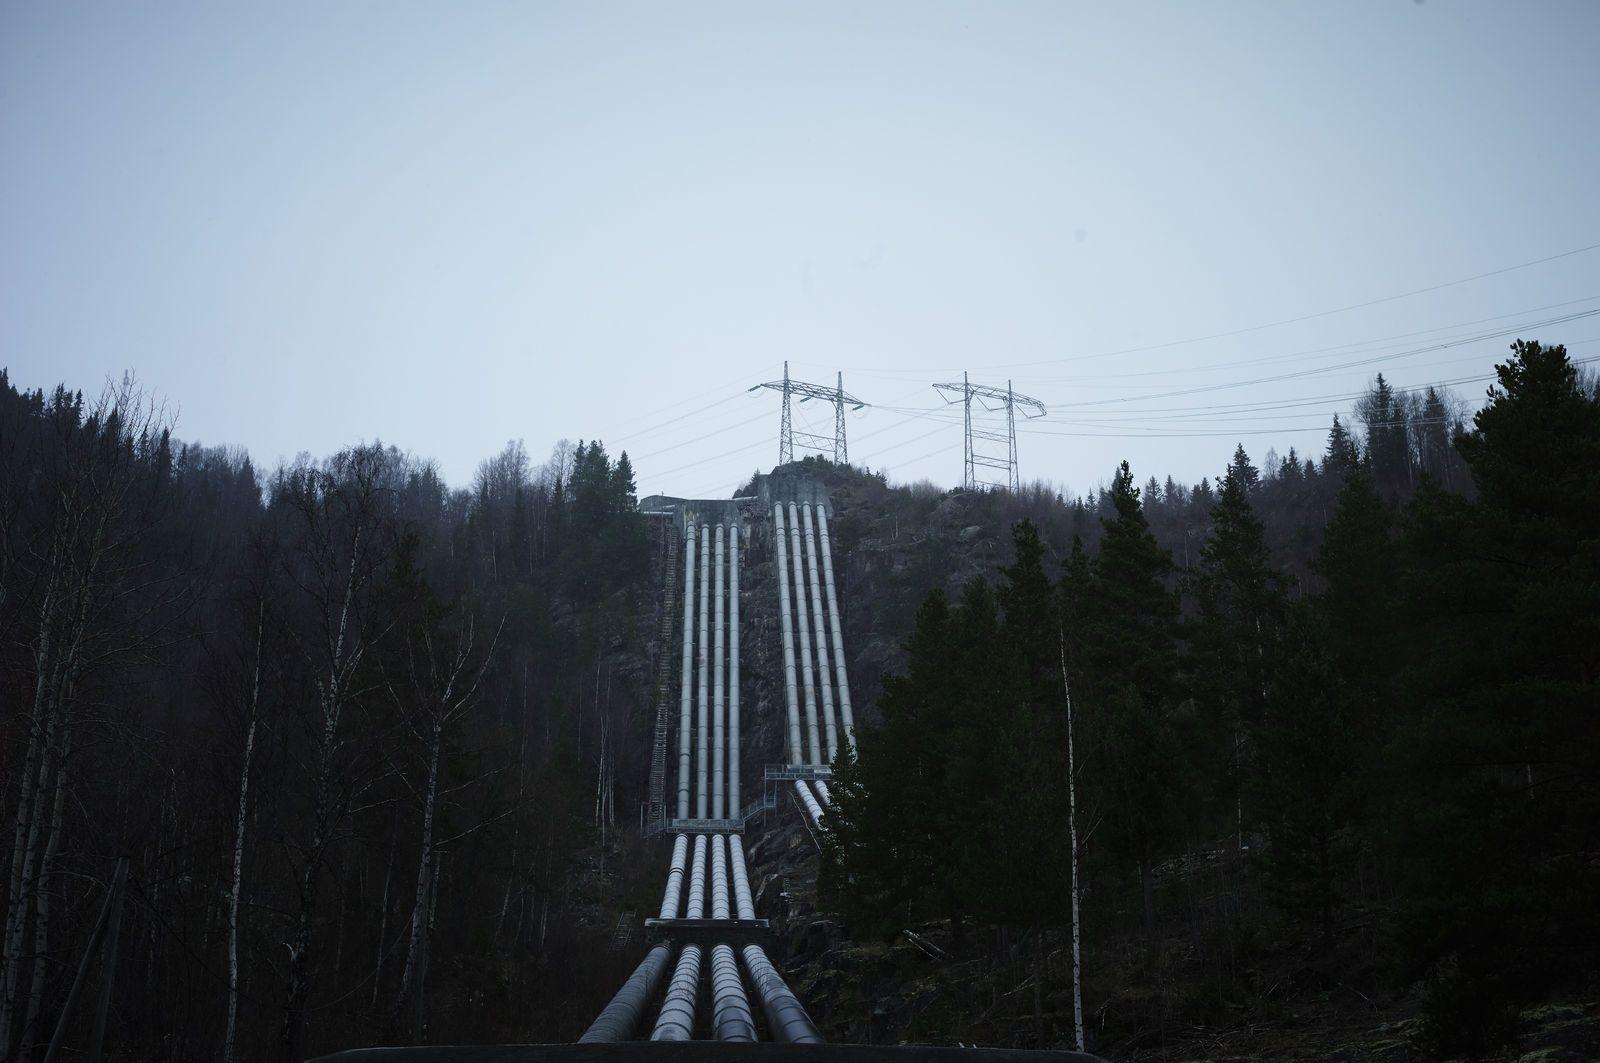 Brede kraftledninger strekker seg opp en fjellskrent. Foto: Øivind Haug